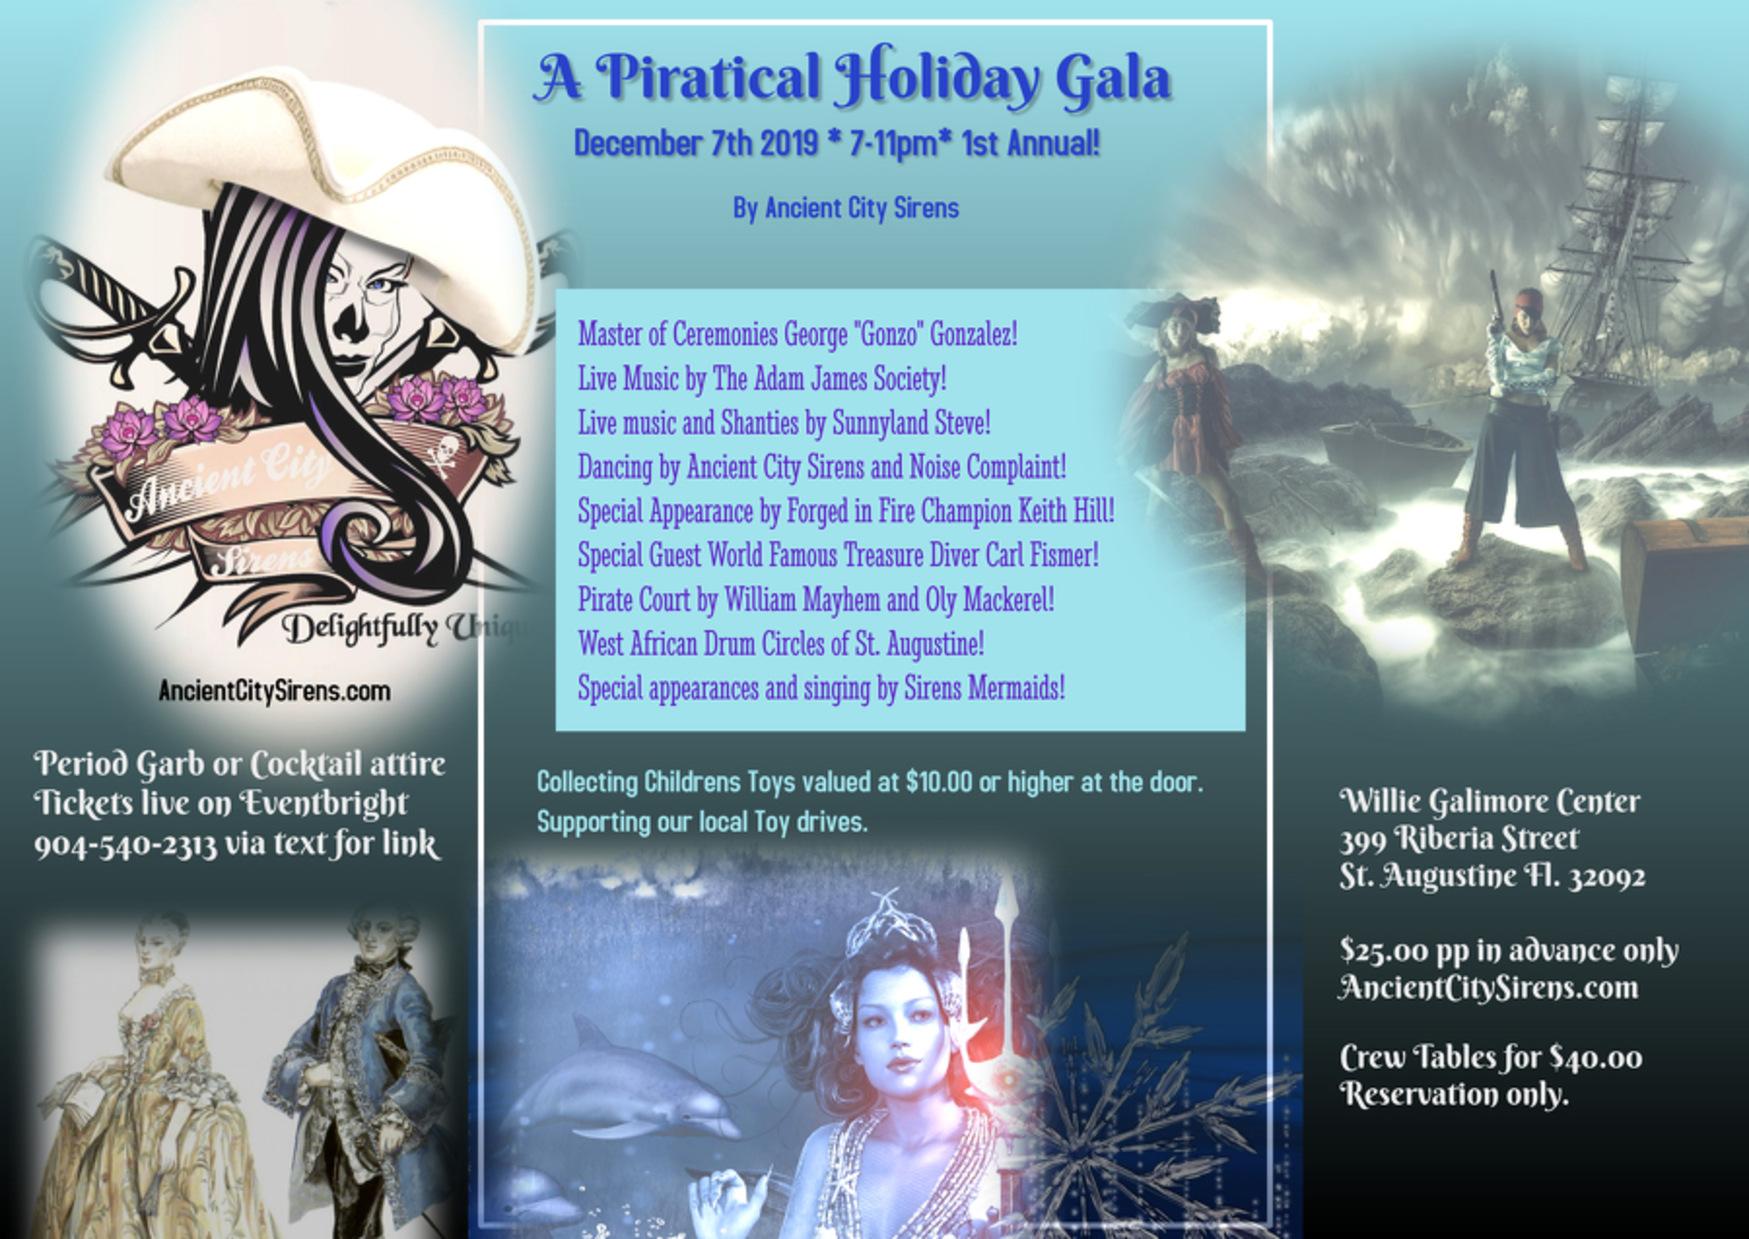 A Piratical Holiday Gala Adpc